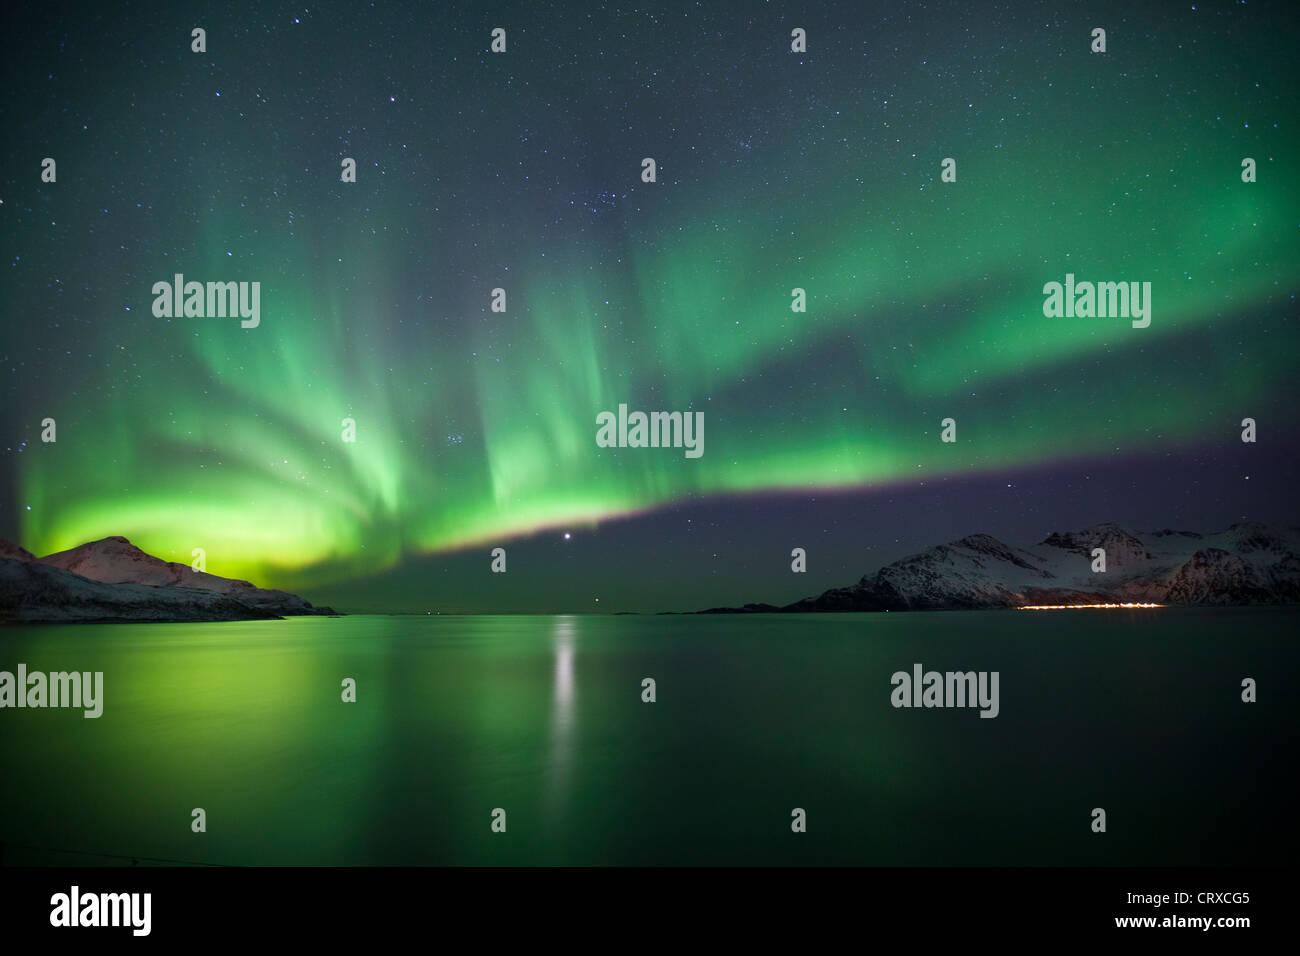 Aurores boréales les aurores boréales remplir le ciel à Kvaloya dans le cercle arctique près Photo Stock